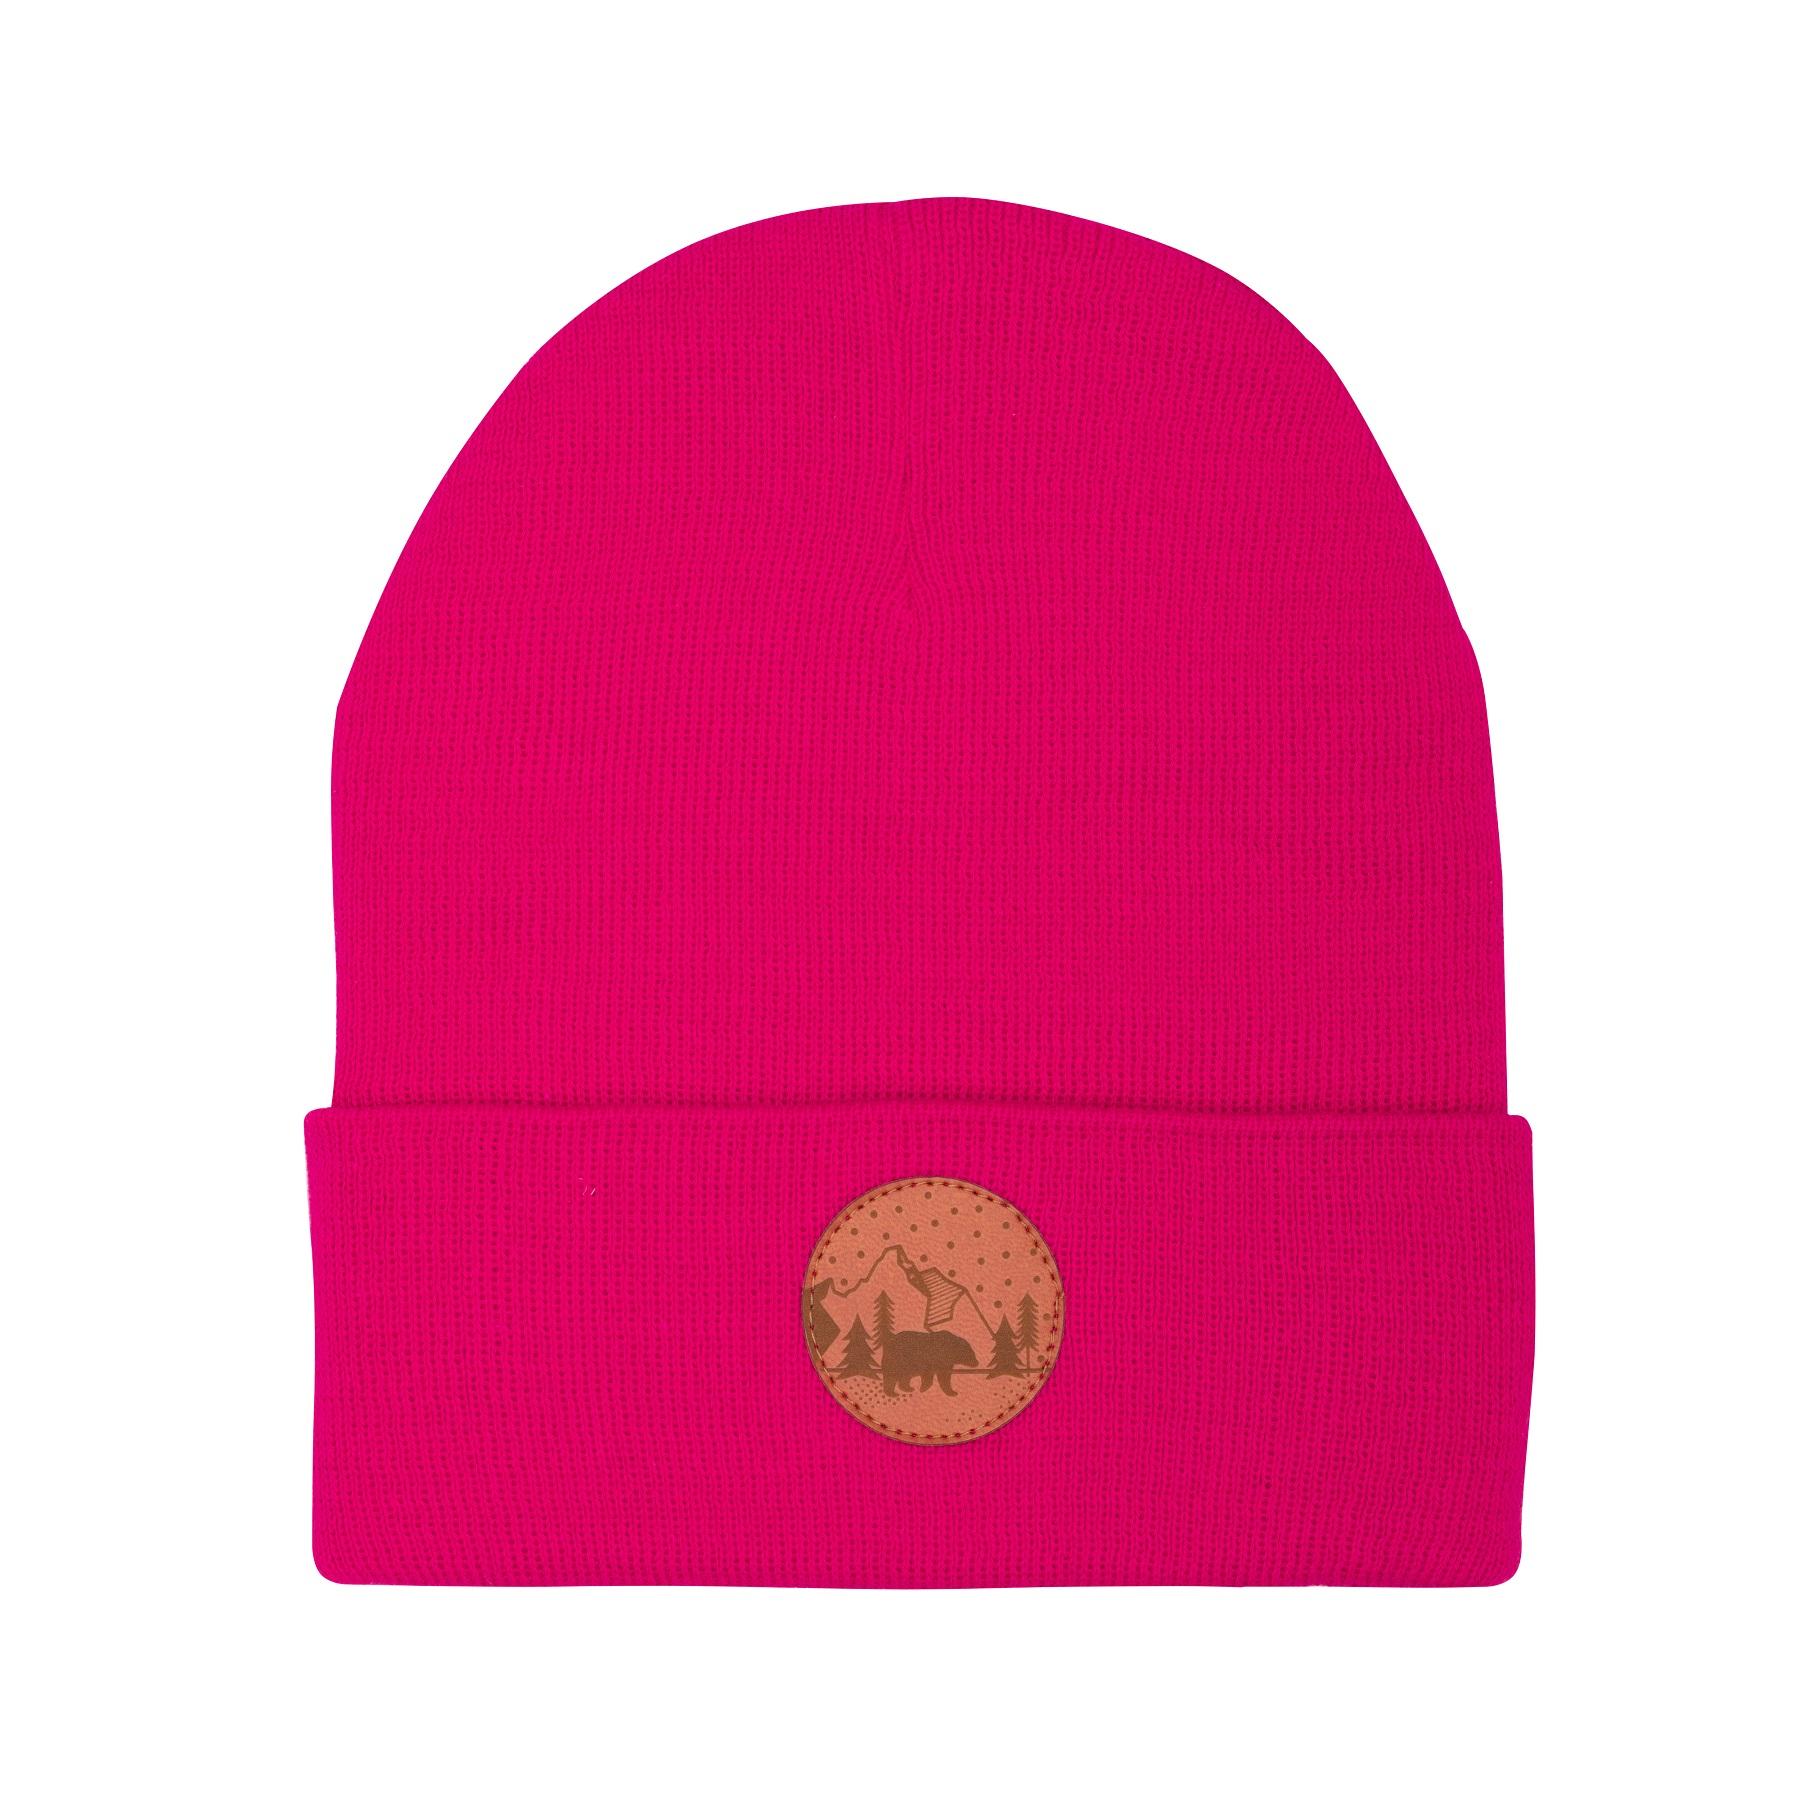 hat_beanie_cotton_pink401_kabak_5906742648416